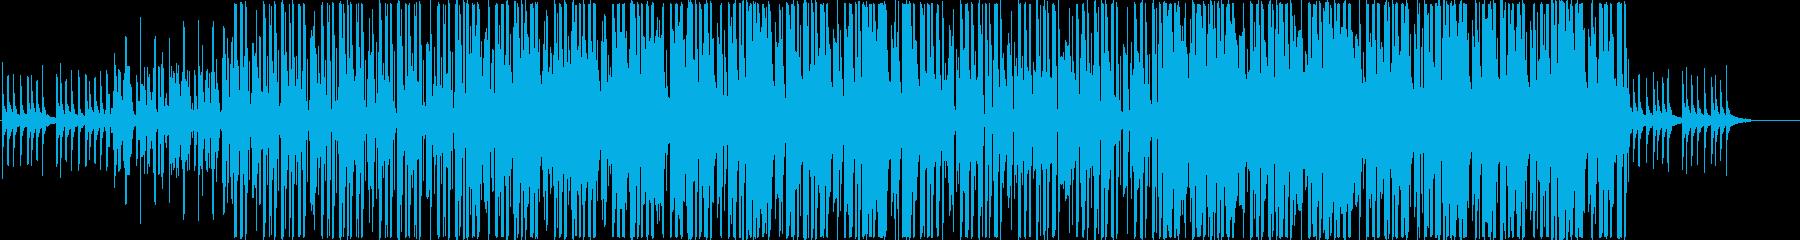 「쏤astlane」は、カリフォル...の再生済みの波形